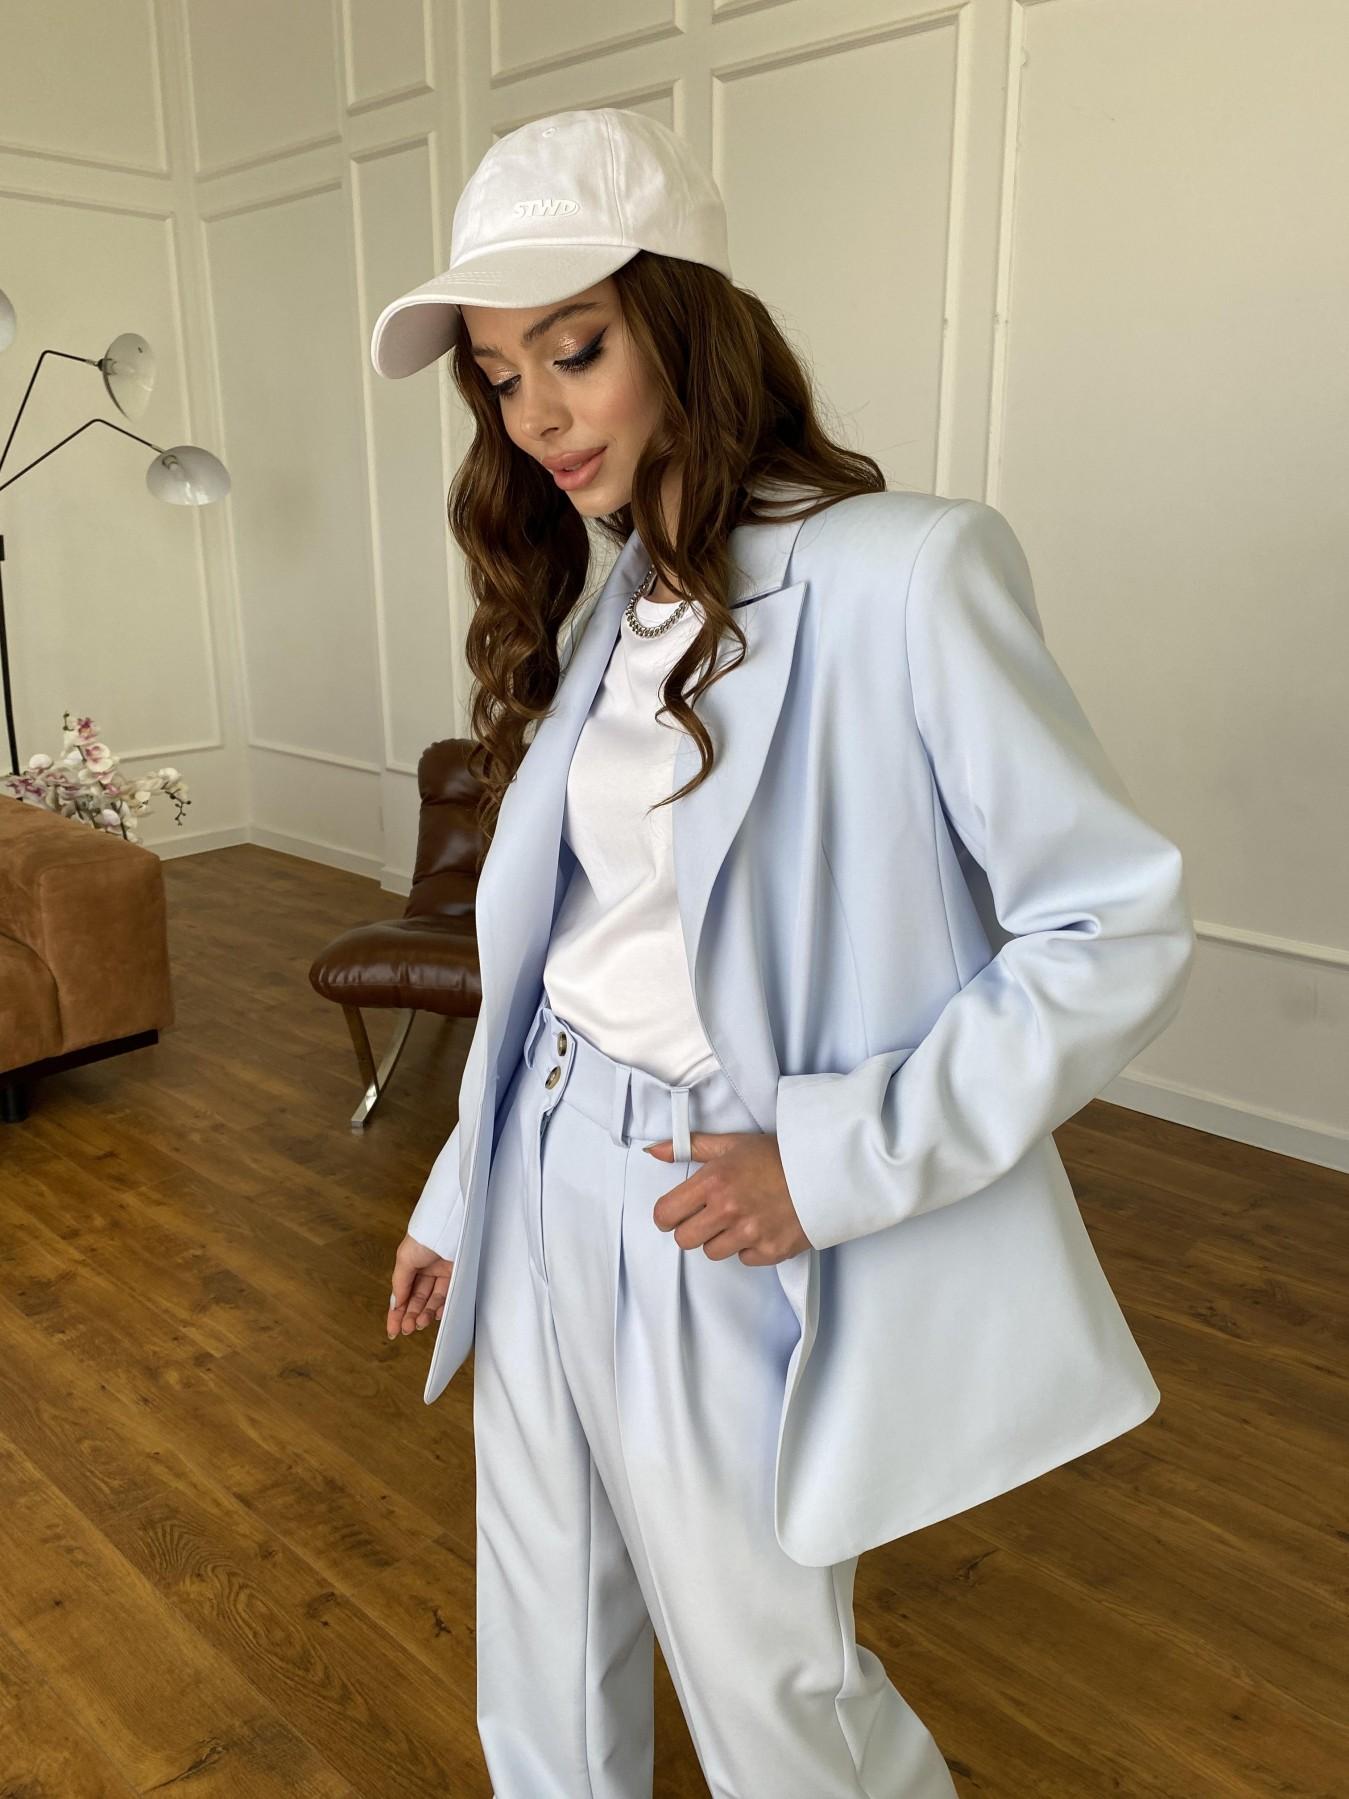 Белисимо жакет из костюмной ткани  стрейч 11192 АРТ. 47697 Цвет: Голубой - фото 2, интернет магазин tm-modus.ru